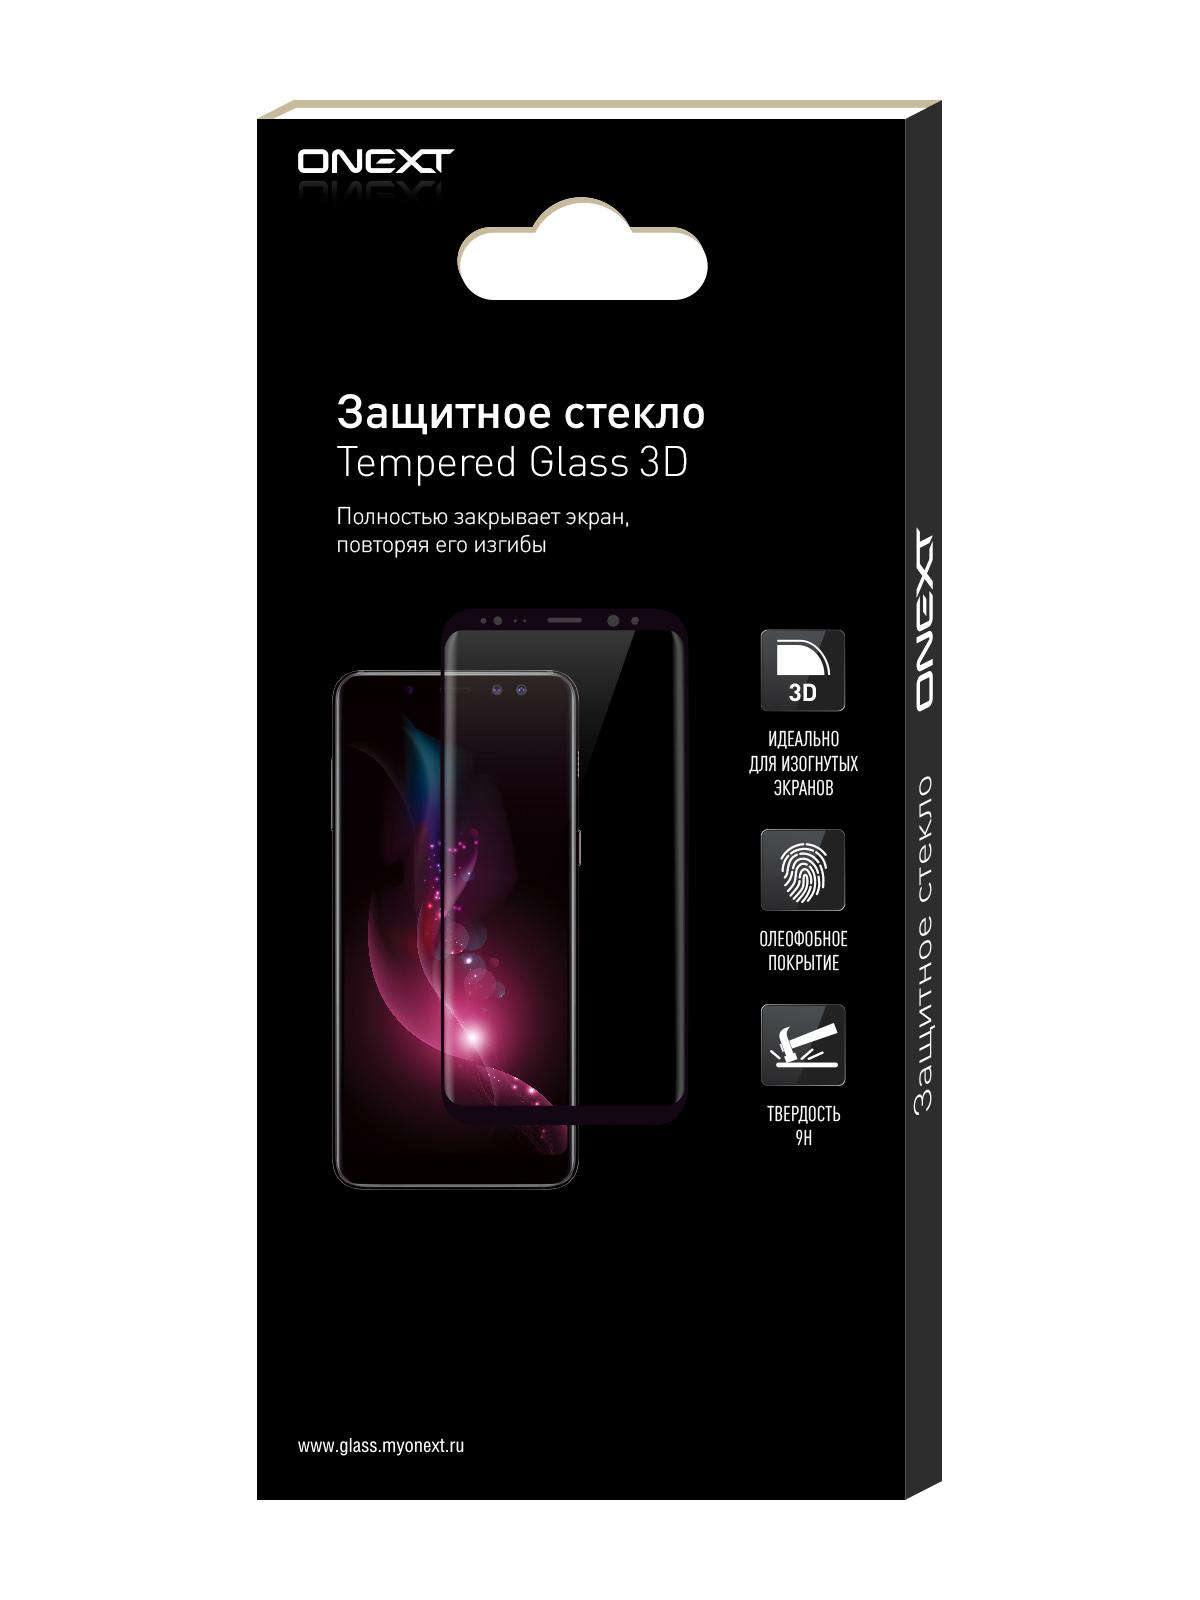 Защитное стекло ONEXT для Nokia 8 Sirocco Black